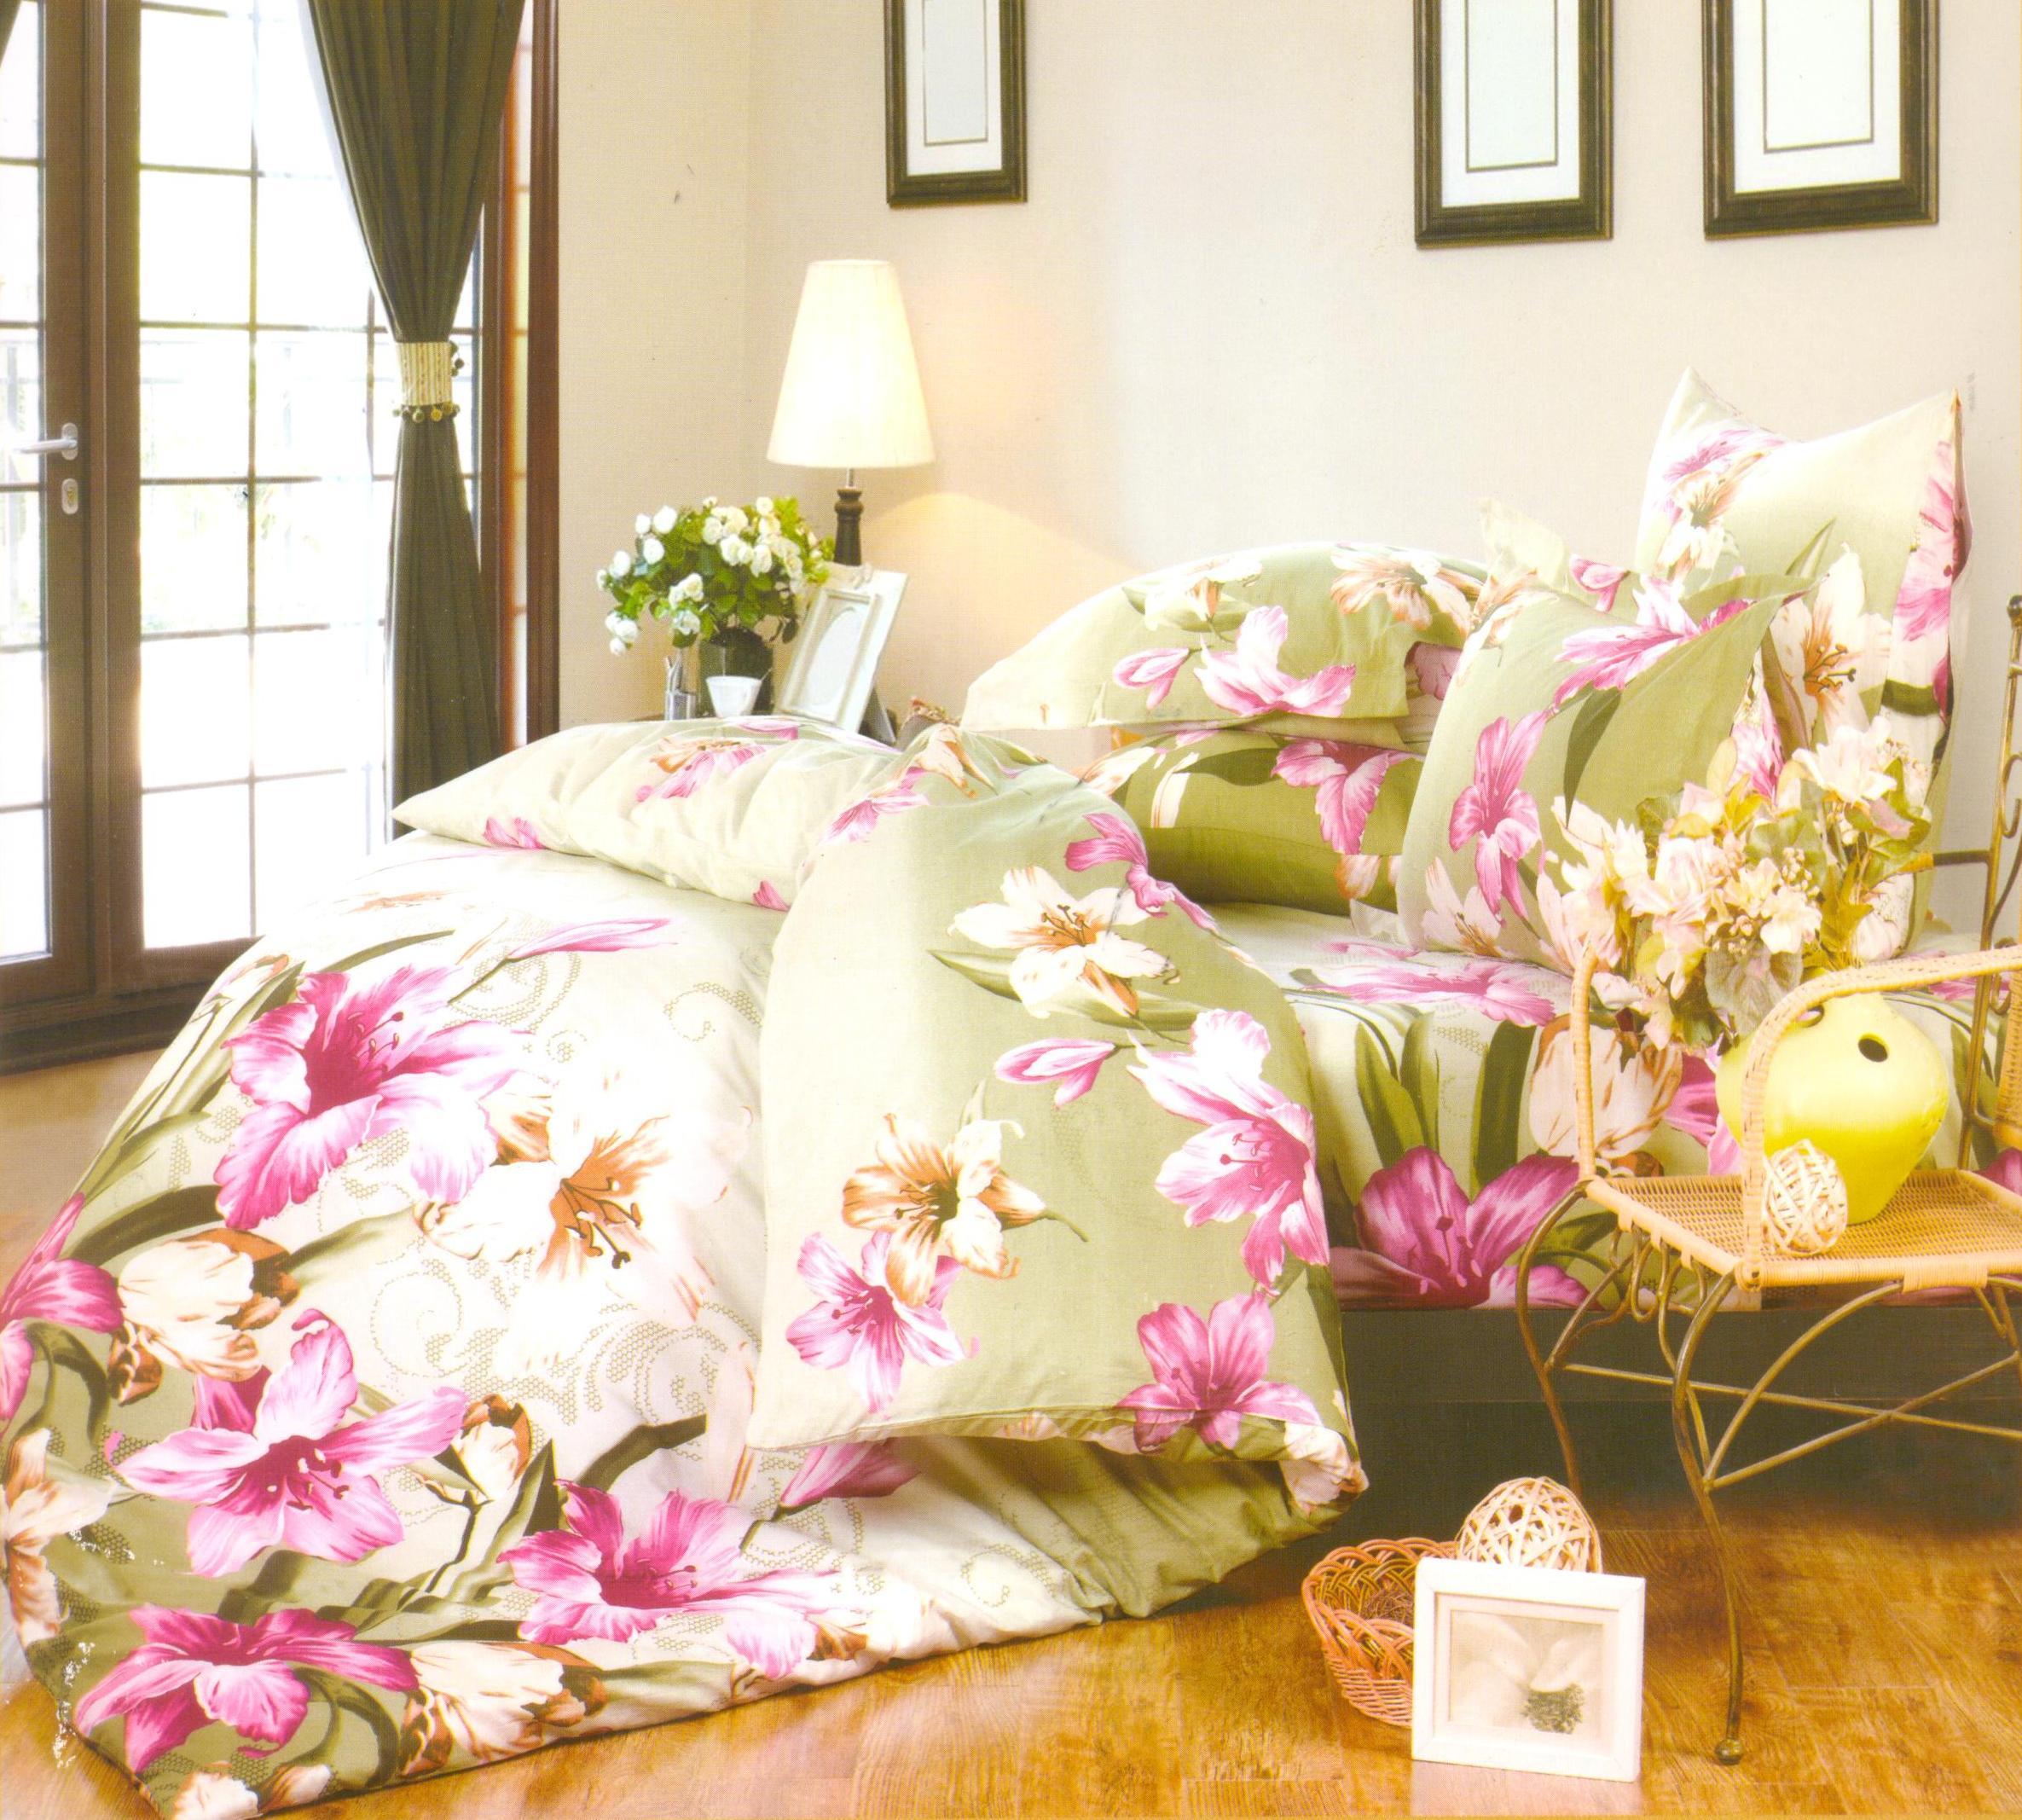 Купить Комплекты постельного белья СайлиД, Постельное белье Pontevico А/s-124 (2 сп.), Китай, Зеленый, Розовый, Поплин